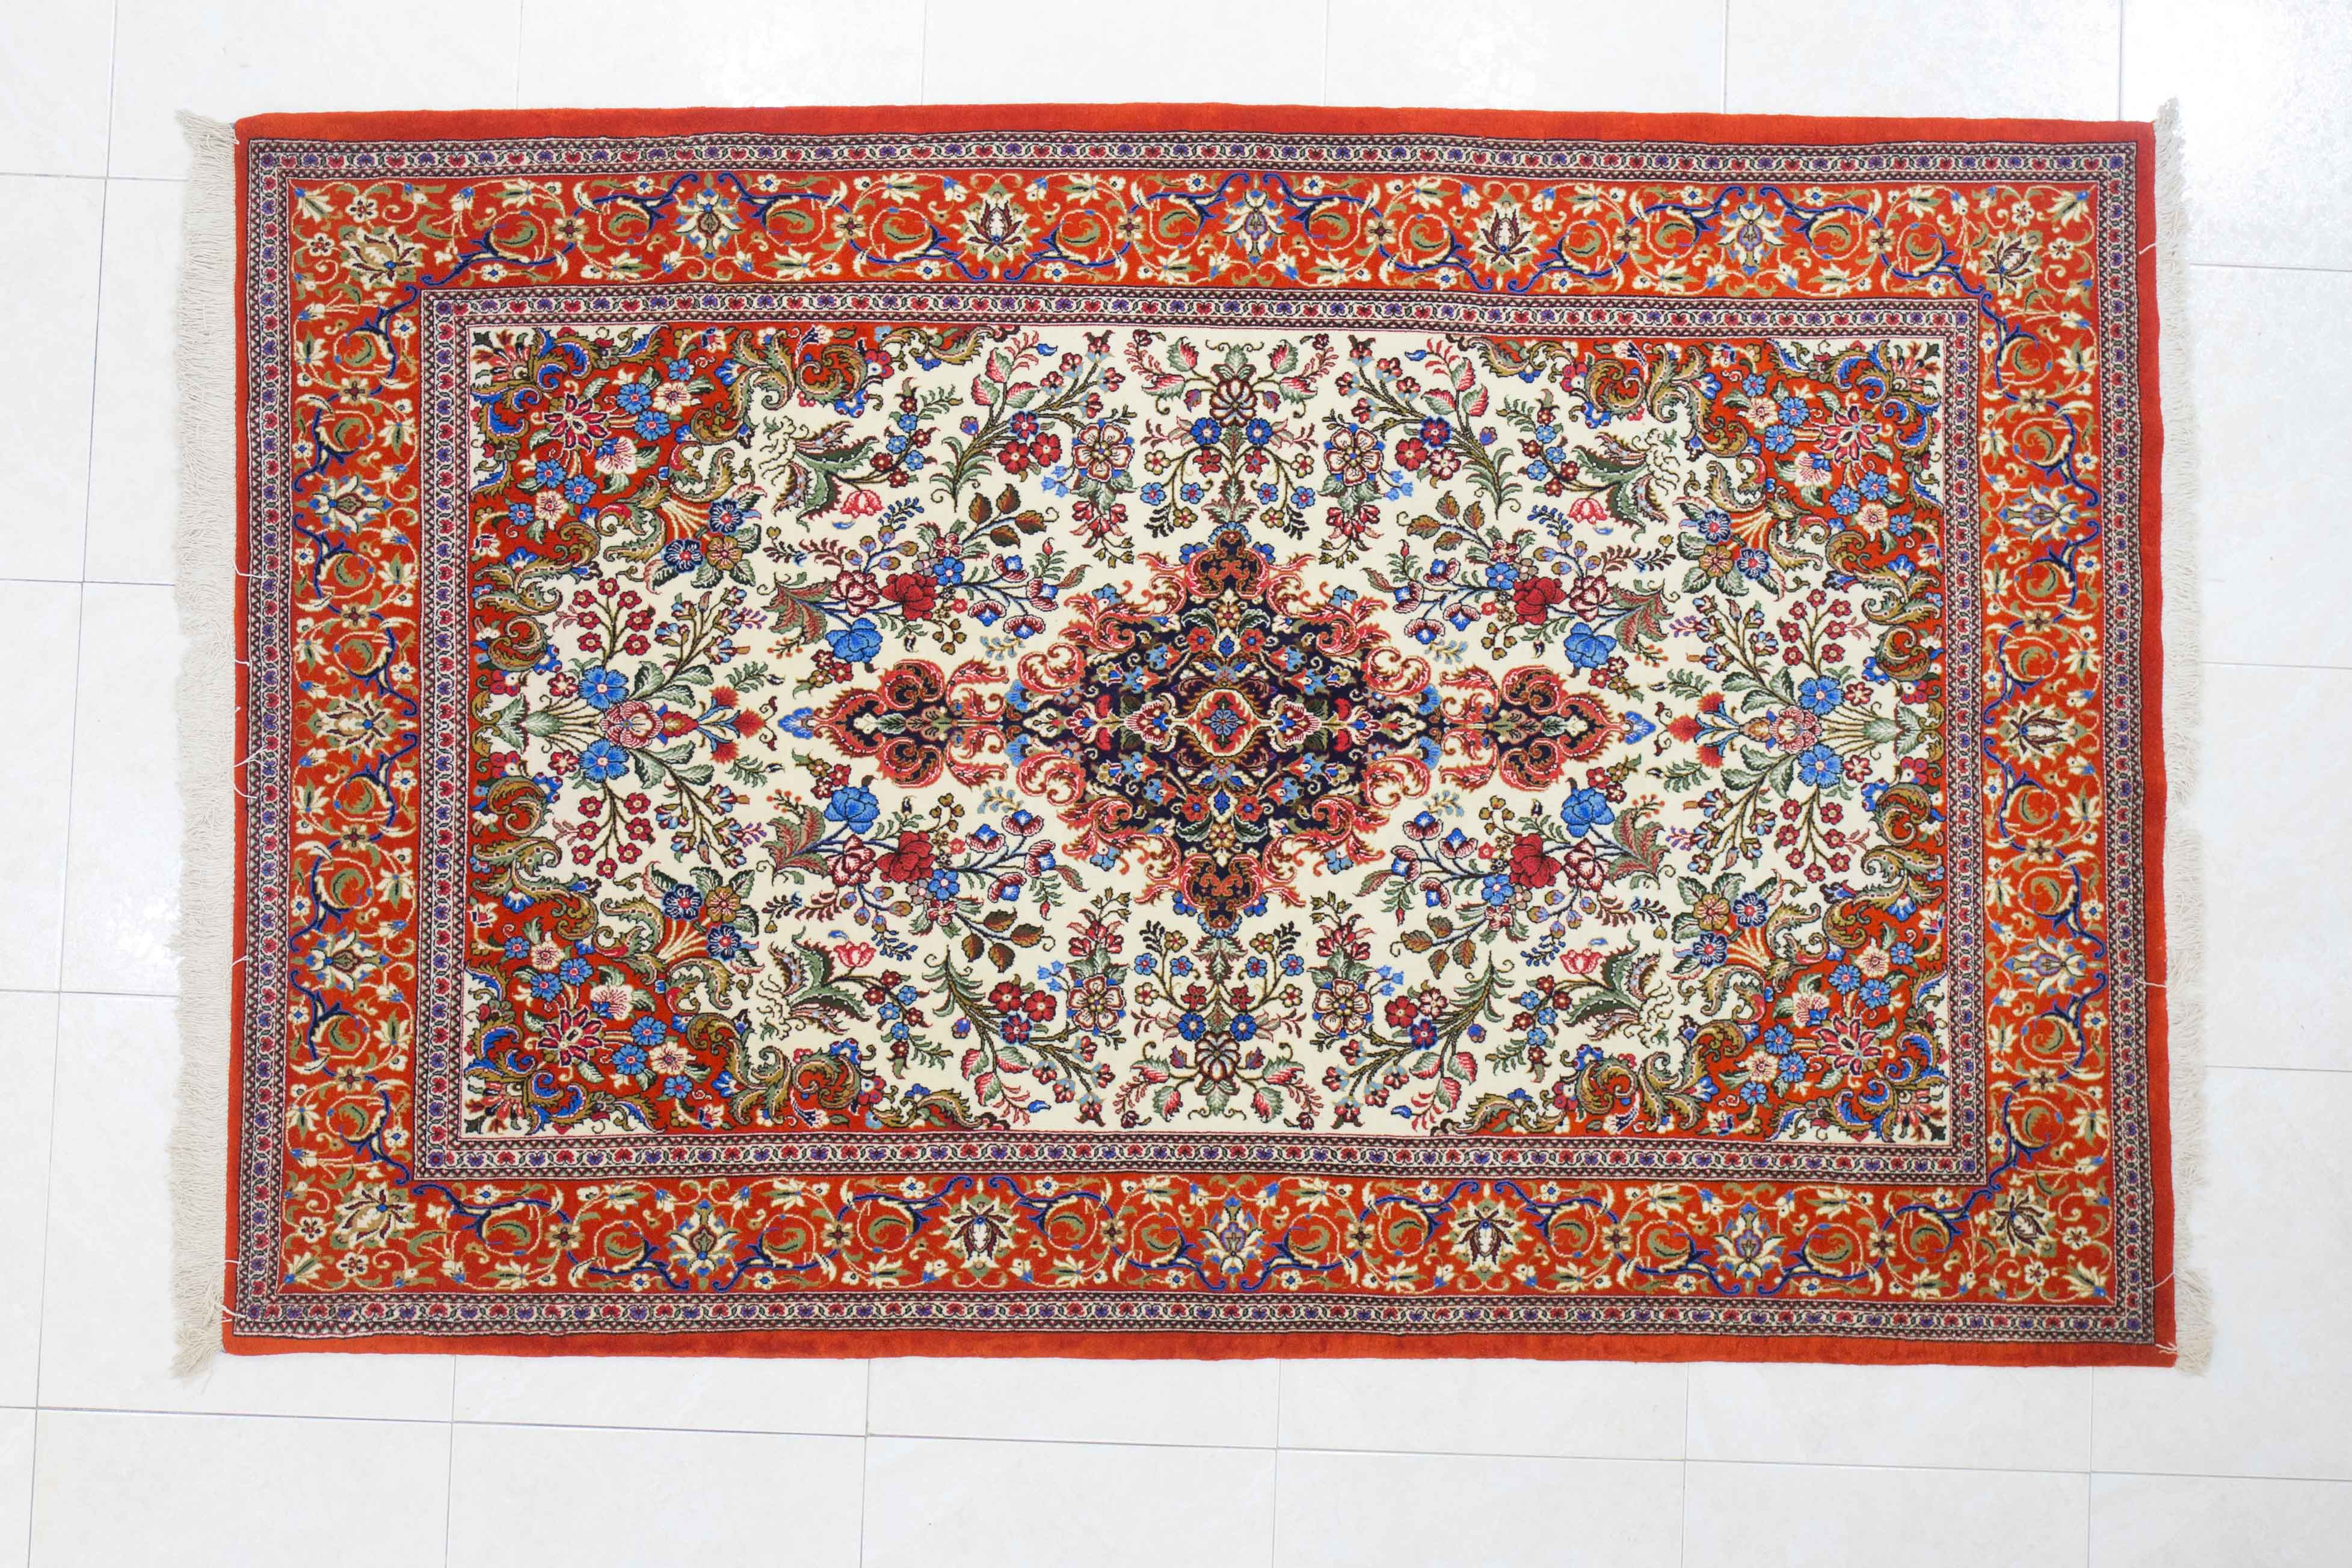 Da Shiraz Tappeti troverete questi tappeti orientali, persiani, indiani e cinesi: